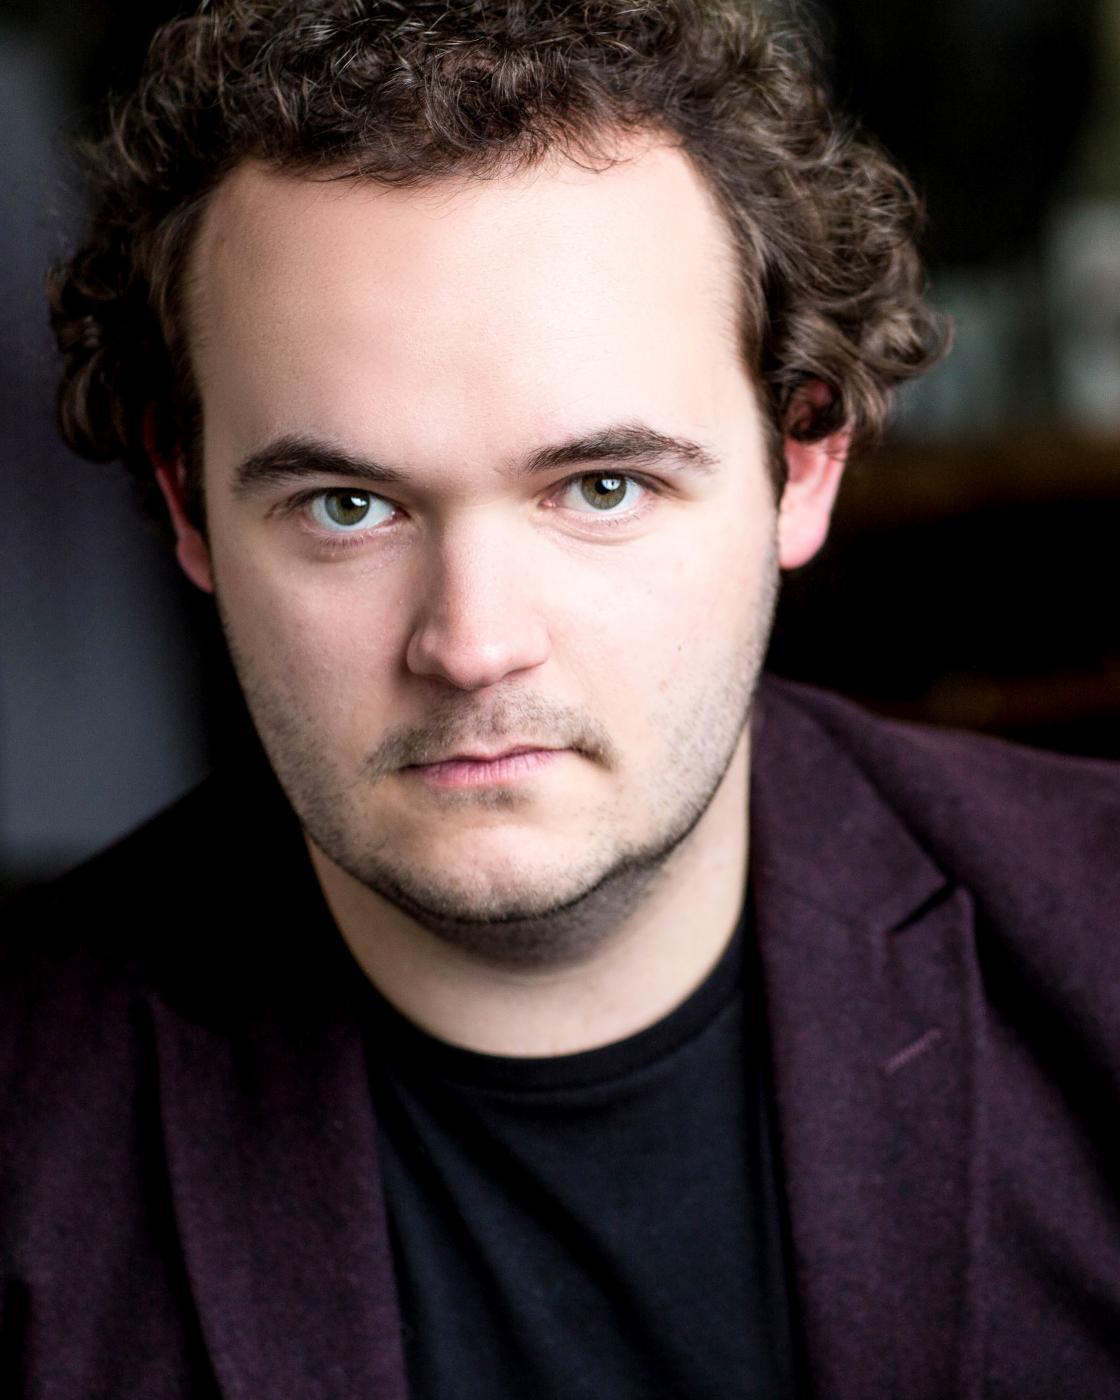 Joel Montague